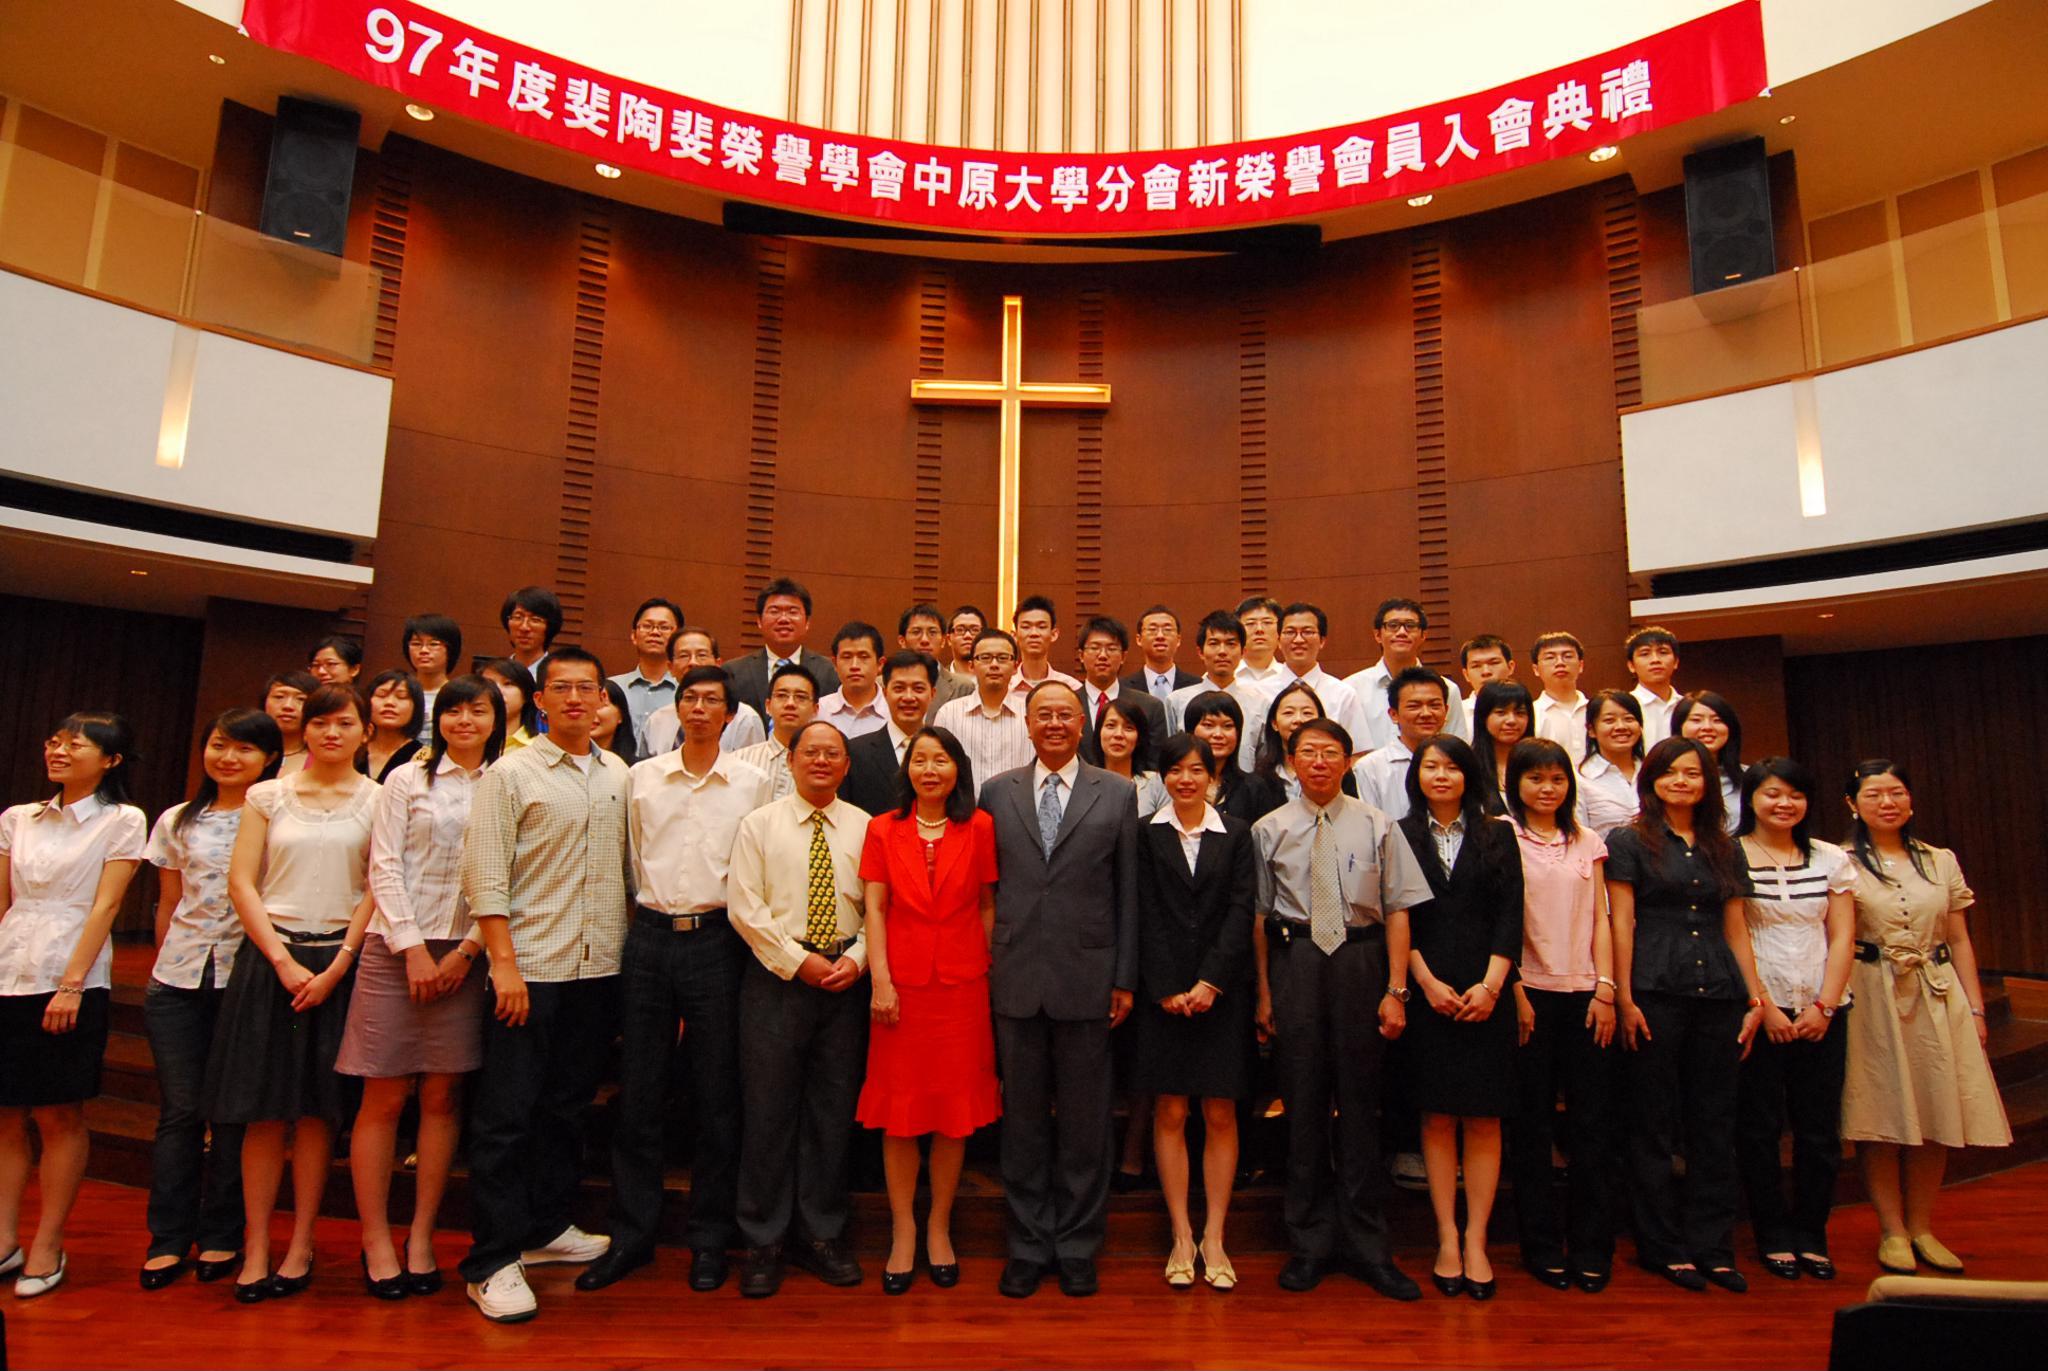 斐陶斐榮譽學會中原分會 6/14舉行新會員入會典禮